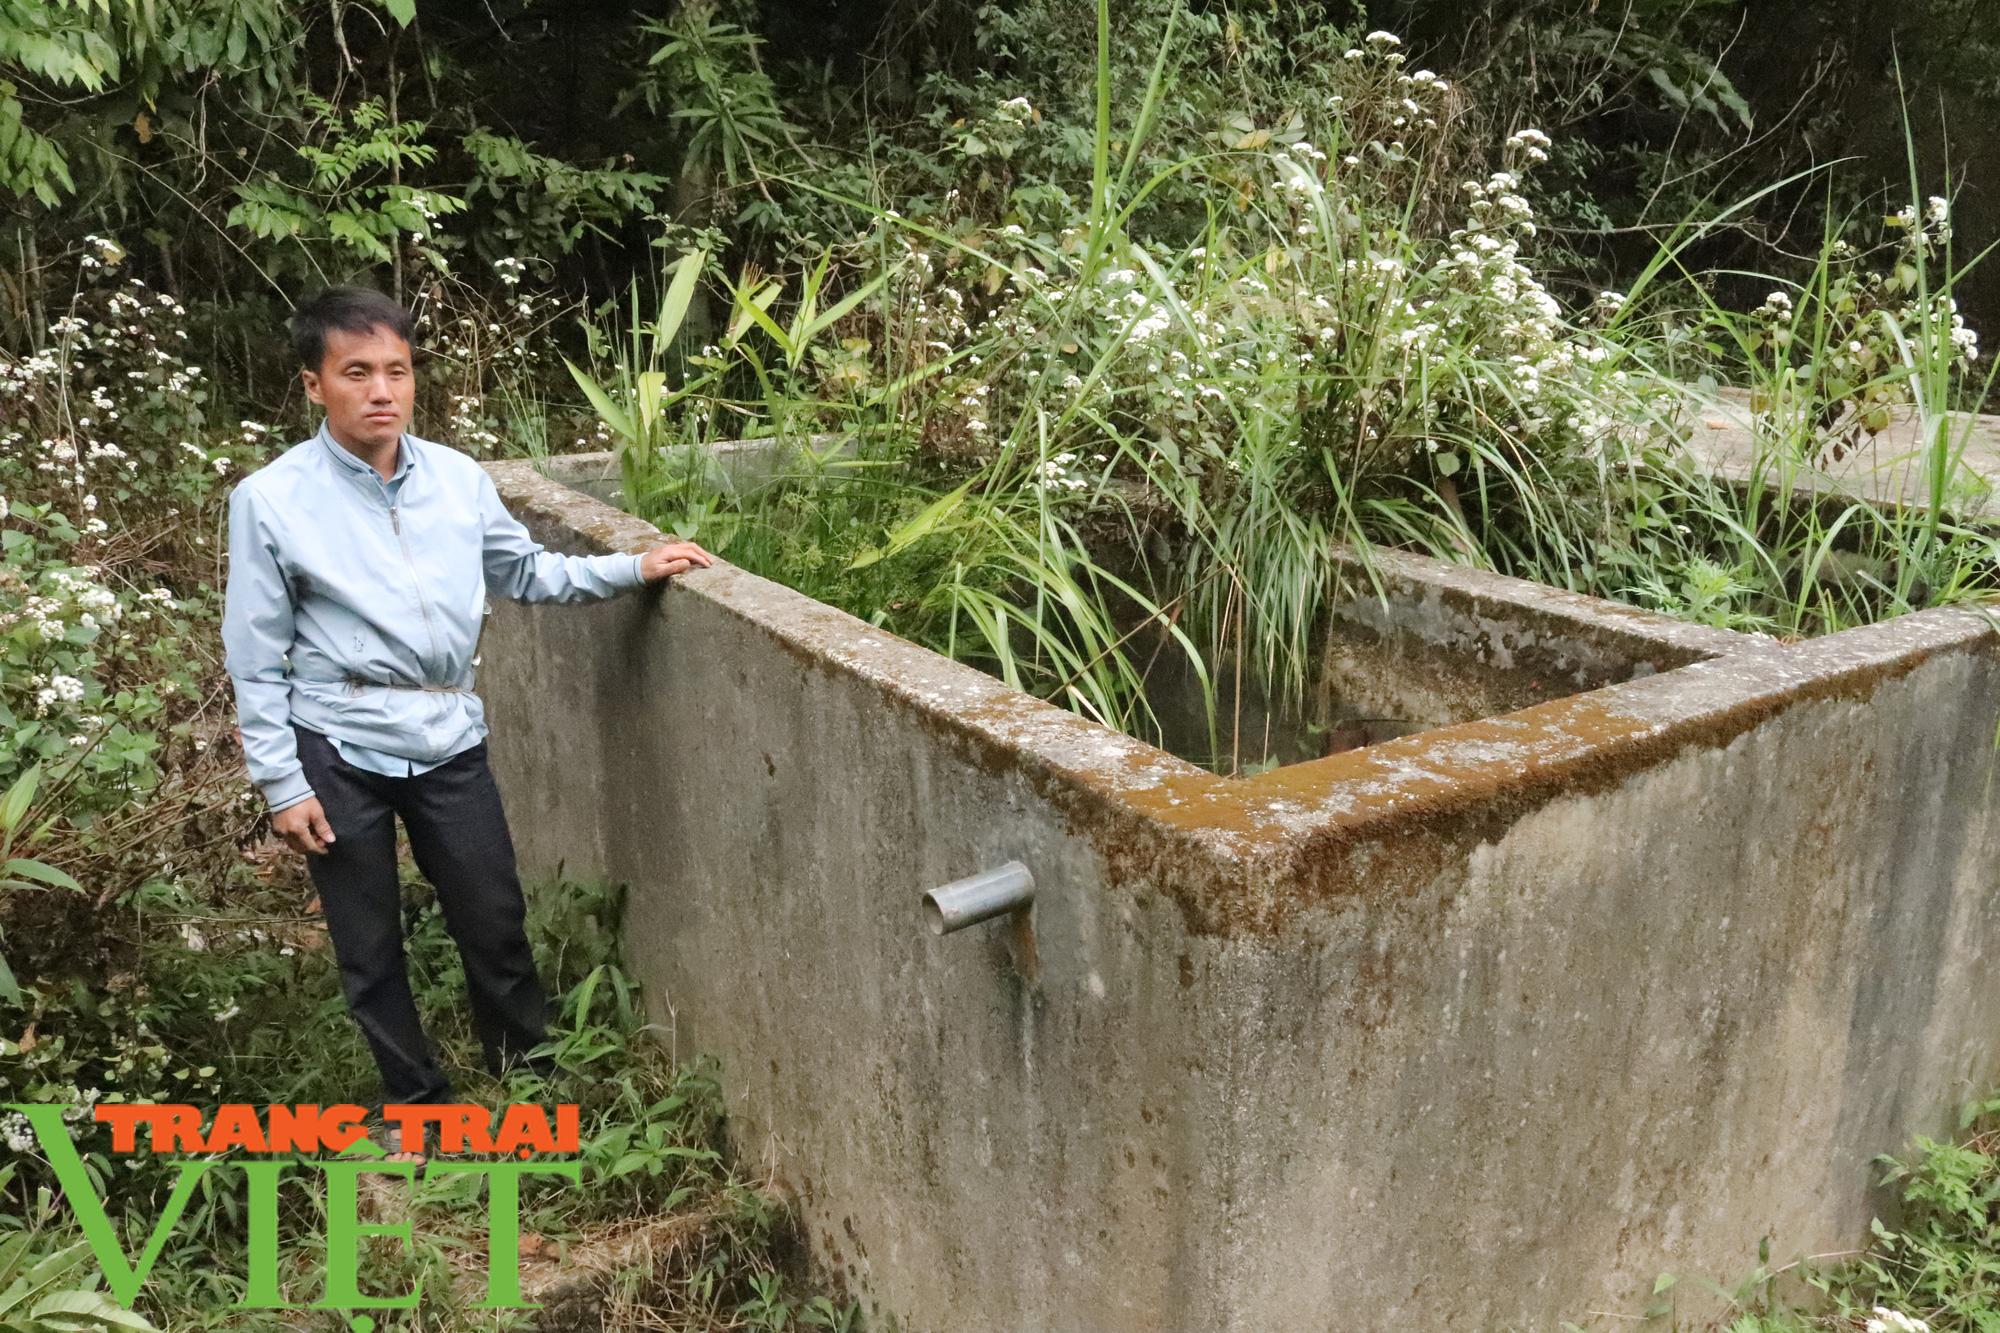 Vụ bán nguồn nước ở Bắc Yên: Bán cả trâu, bò, tích góp gần 2 năm mới trả nợ xong - Ảnh 6.